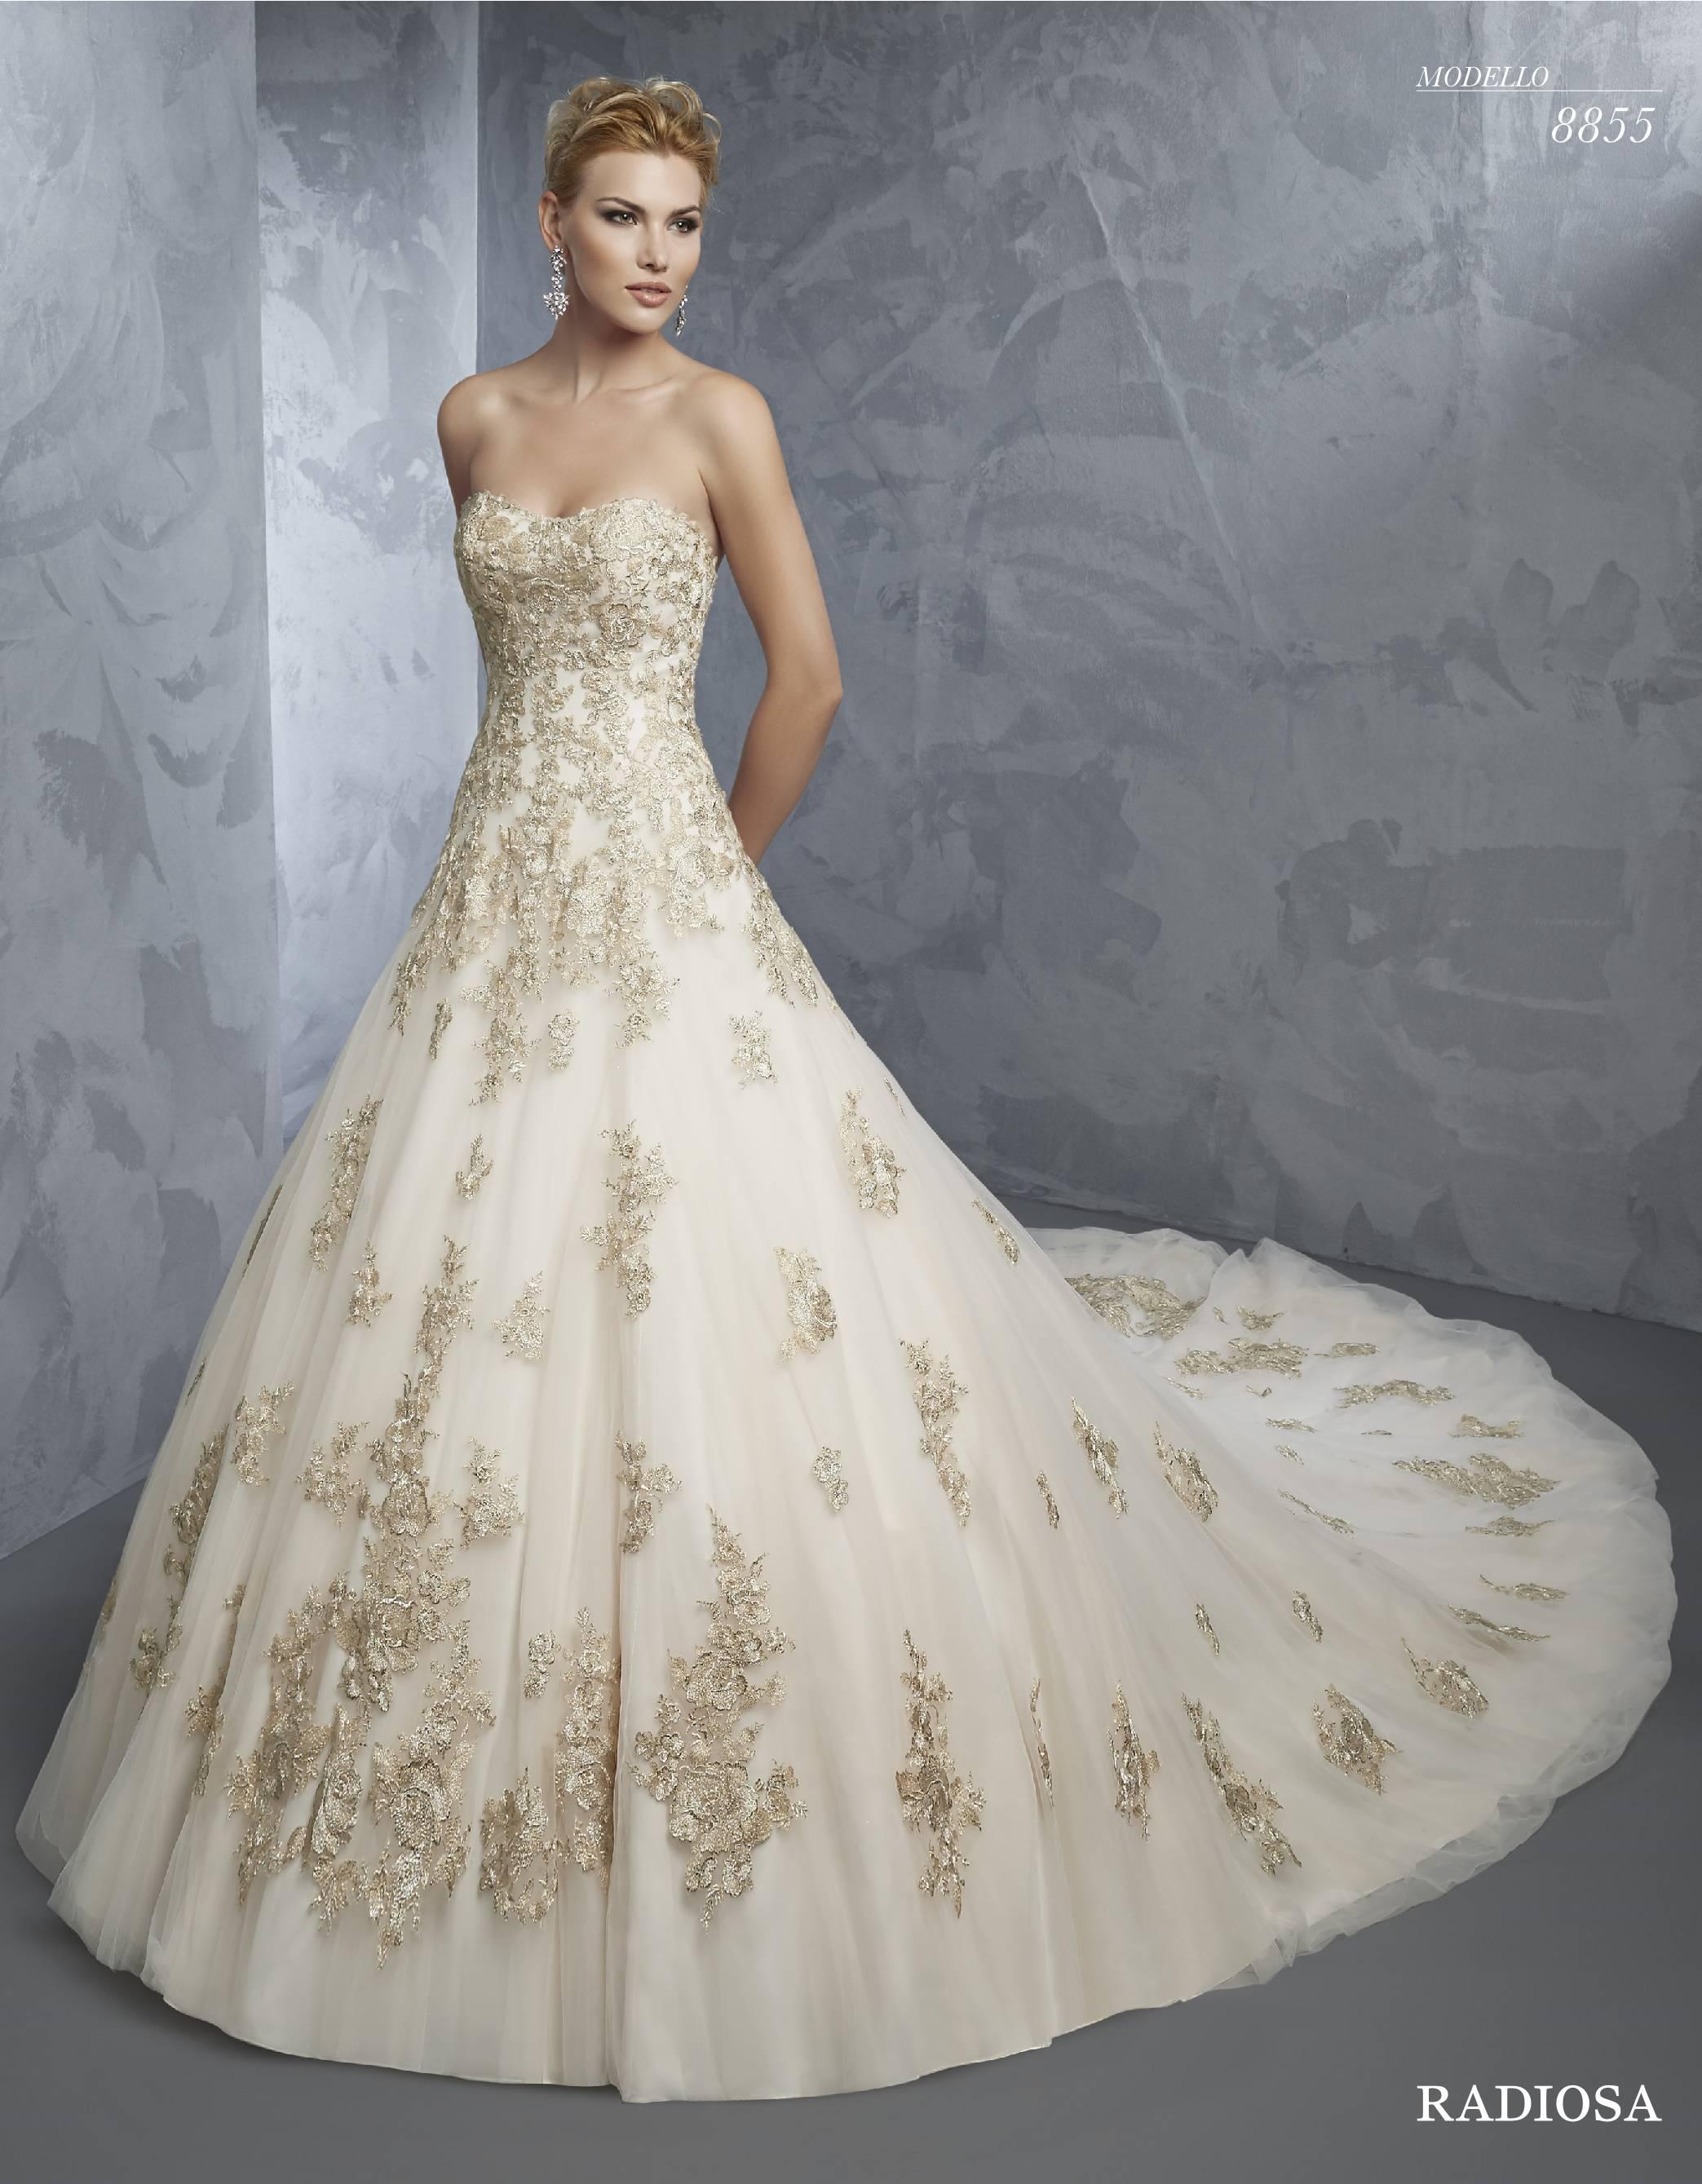 Abito da sposa bianco con ricami dorati